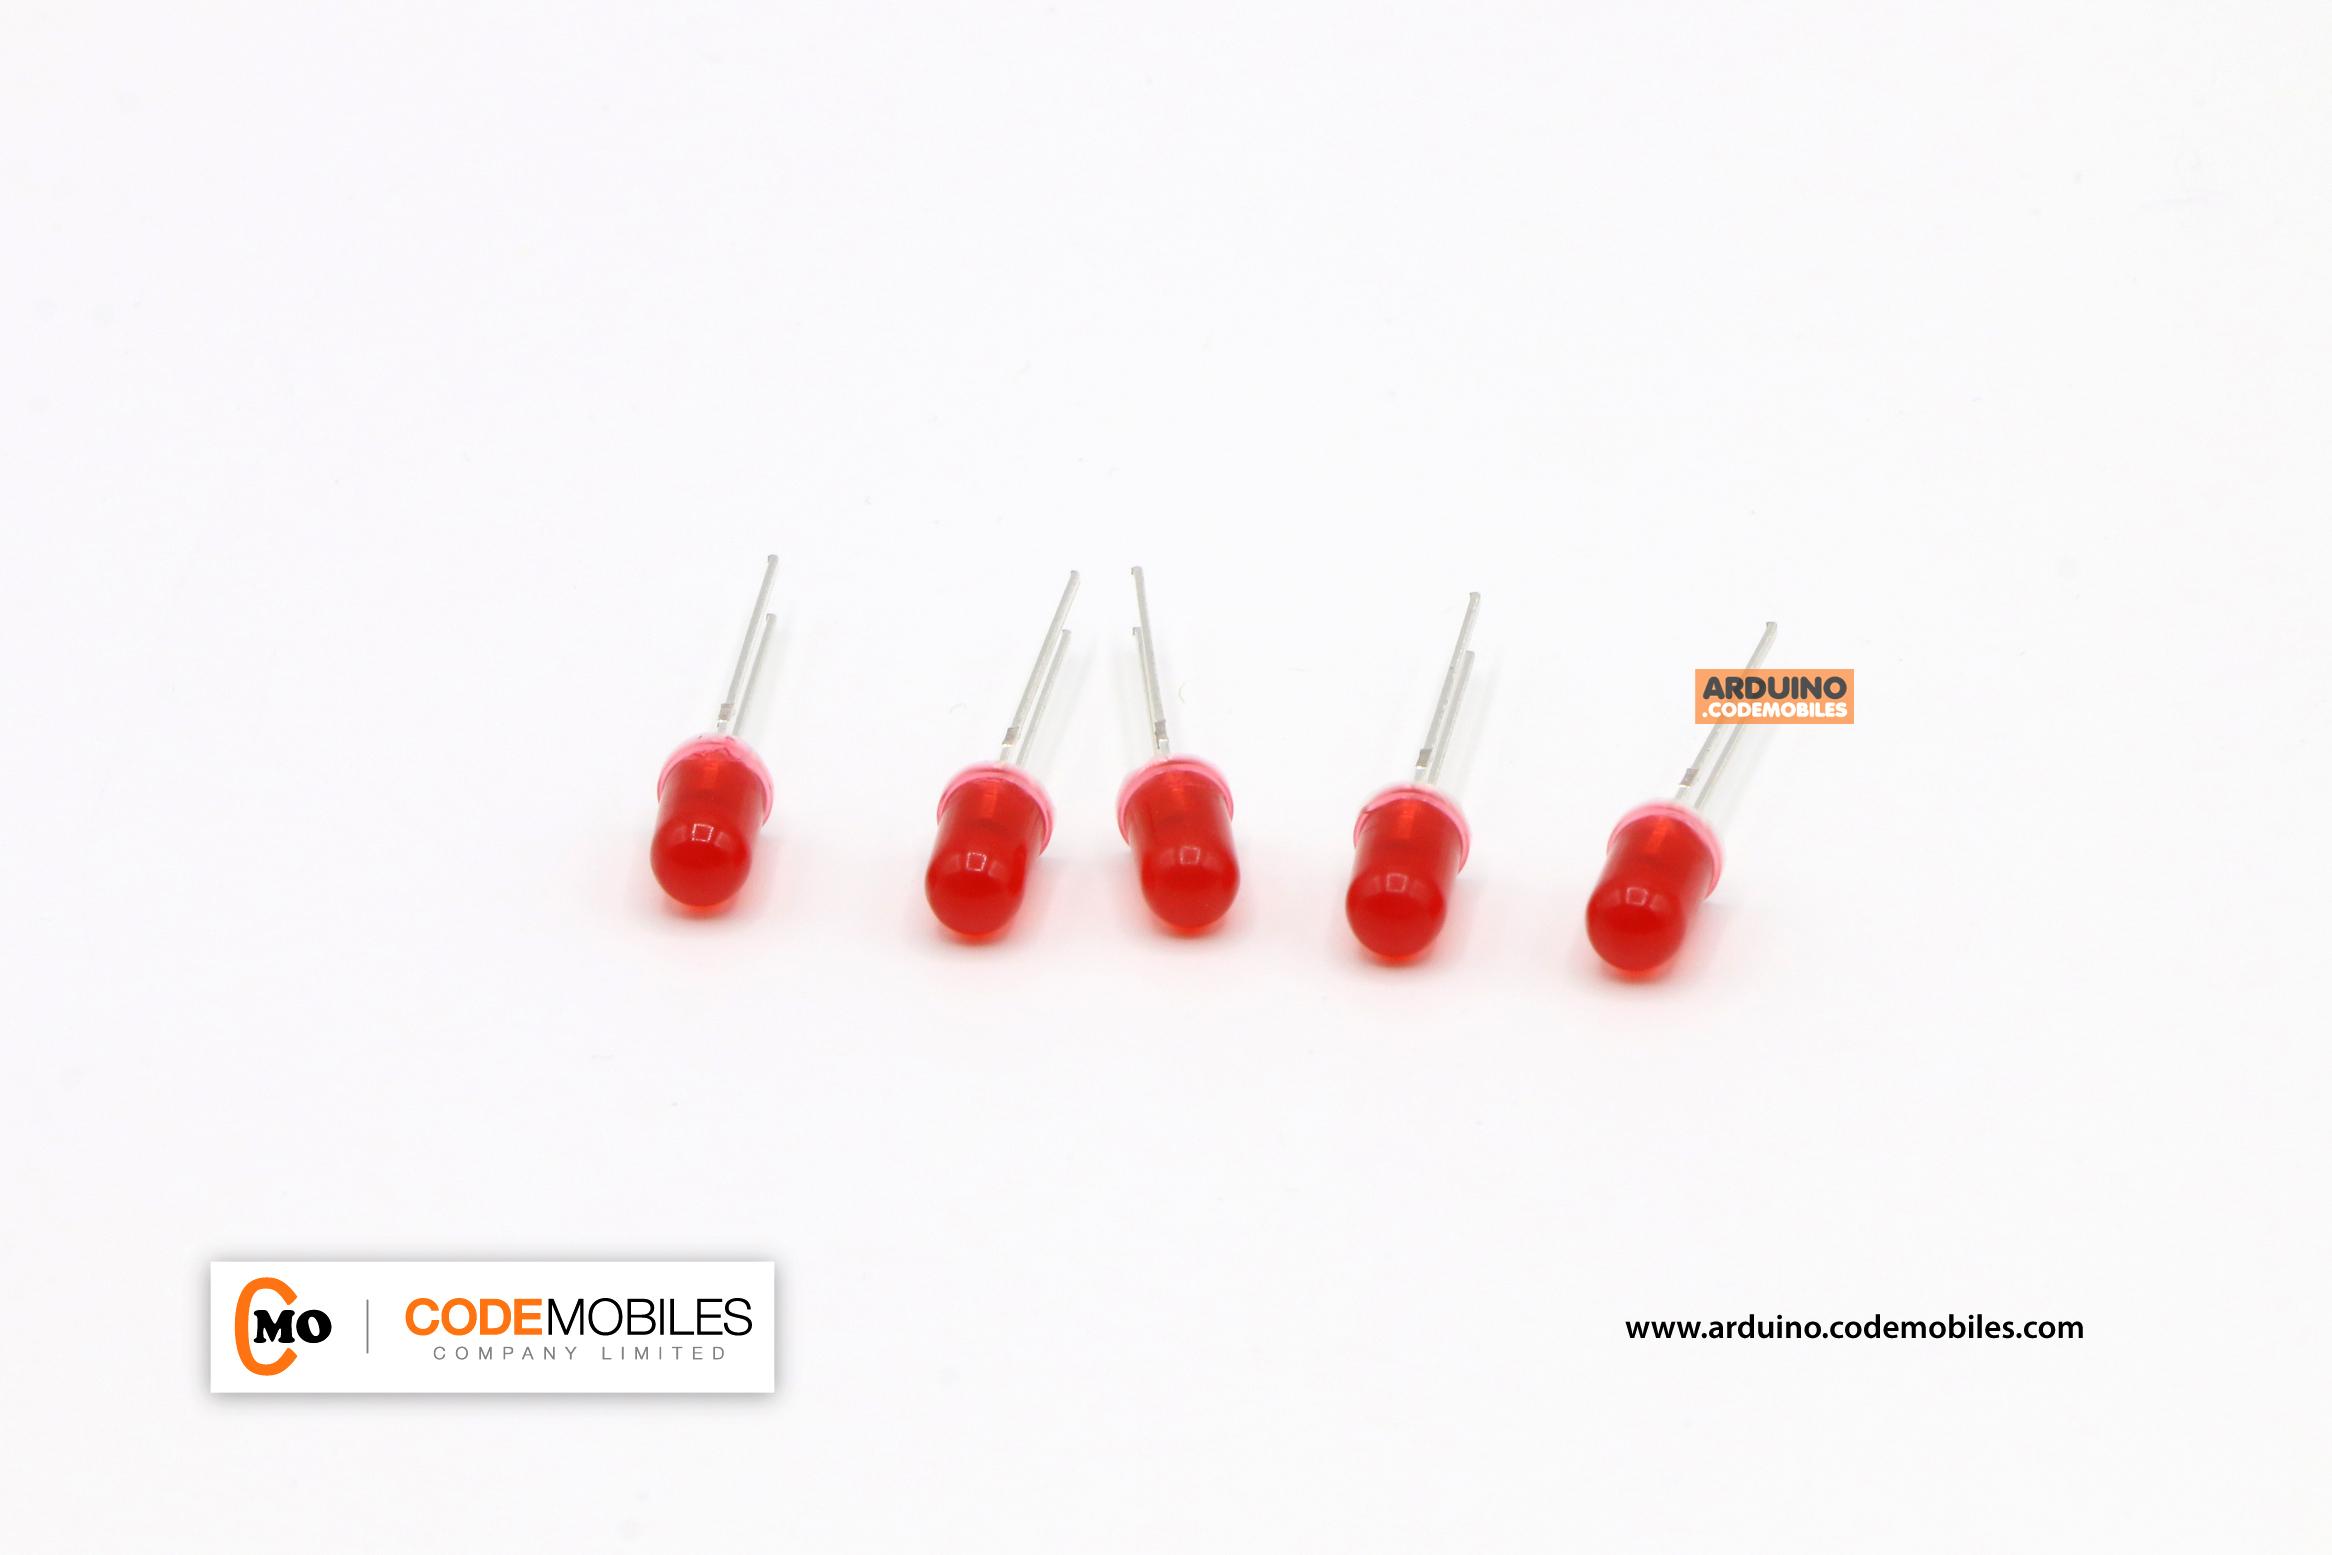 LED 5mm สีแดง จำนวน 5 ชิ้น